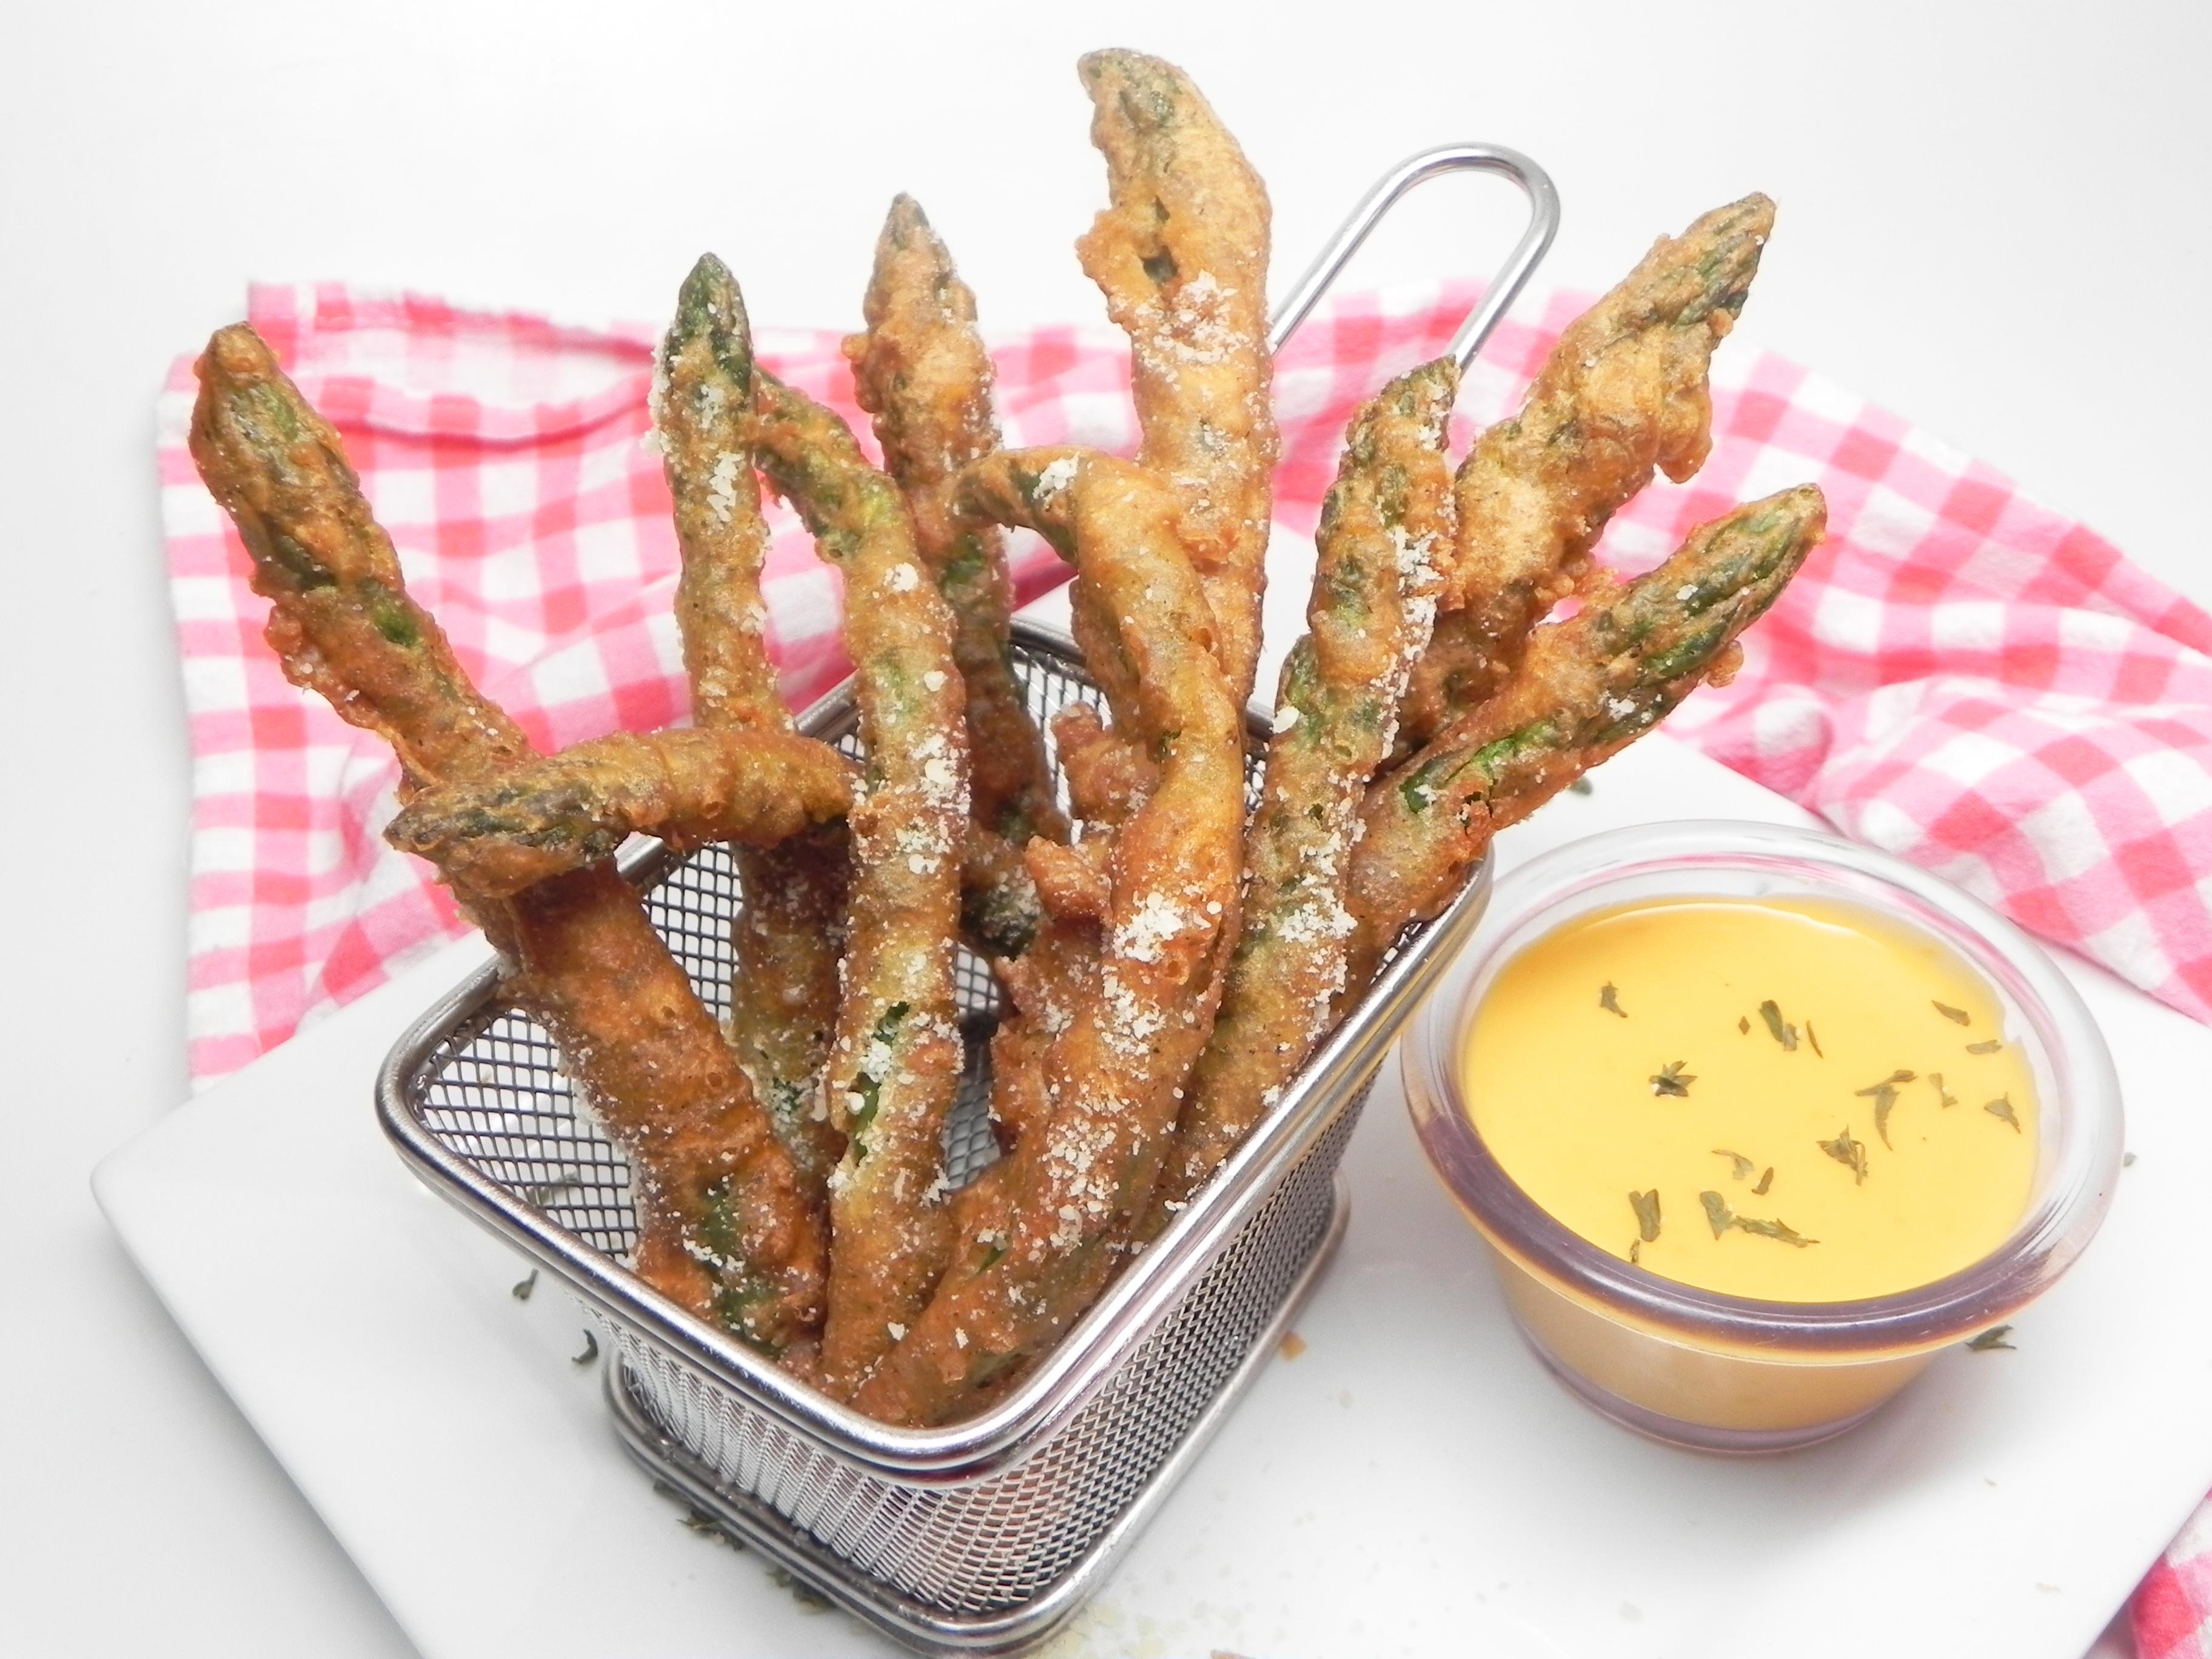 Stockton Asparagus Fries